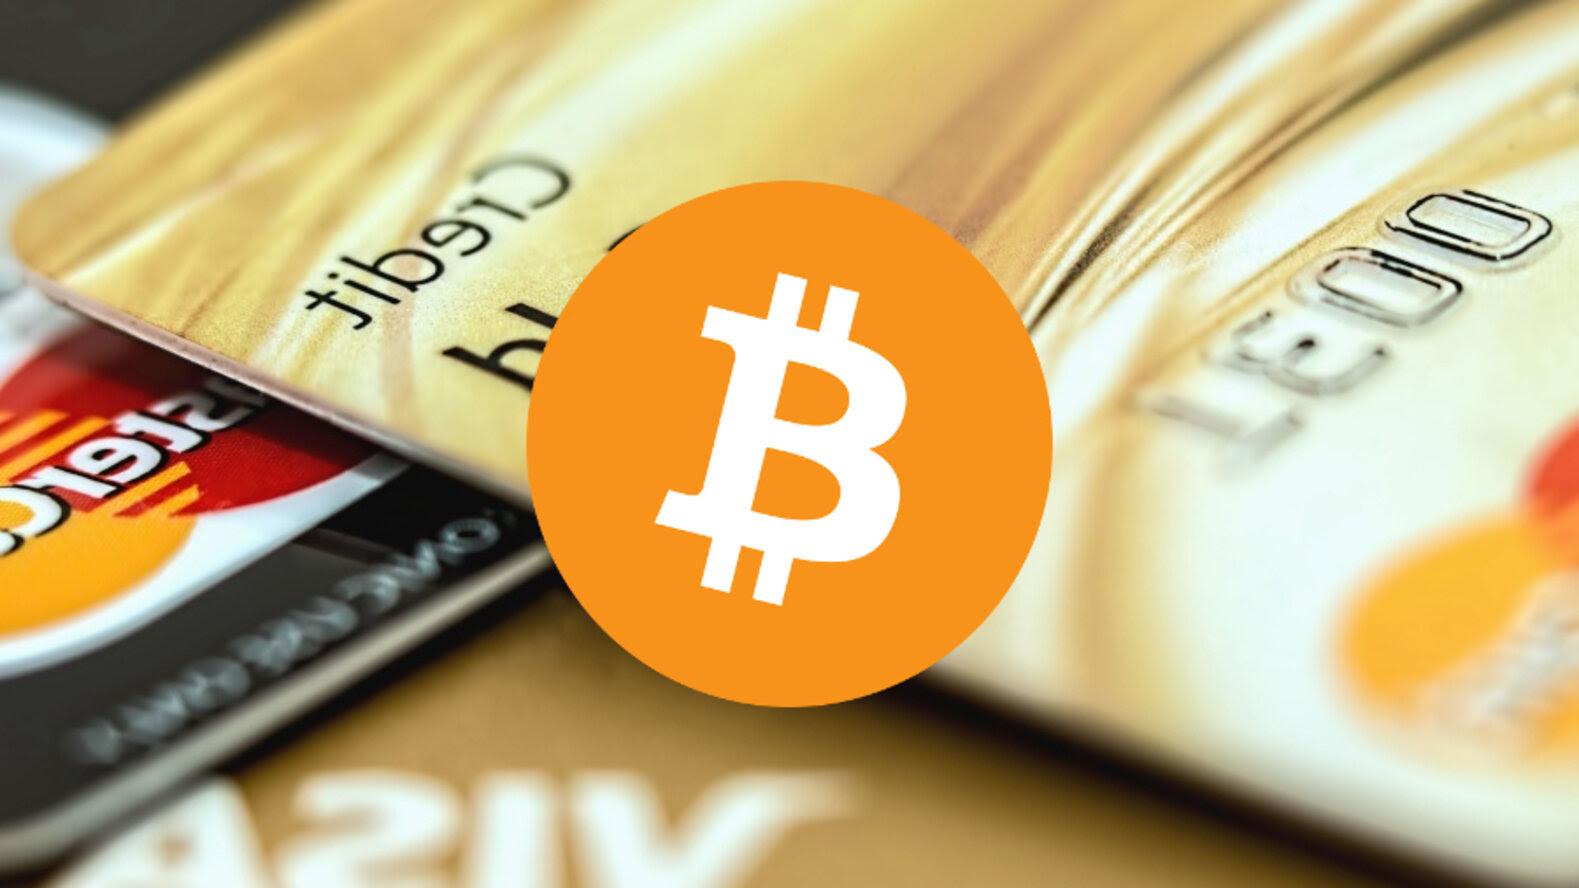 bitcoin price today in uganda